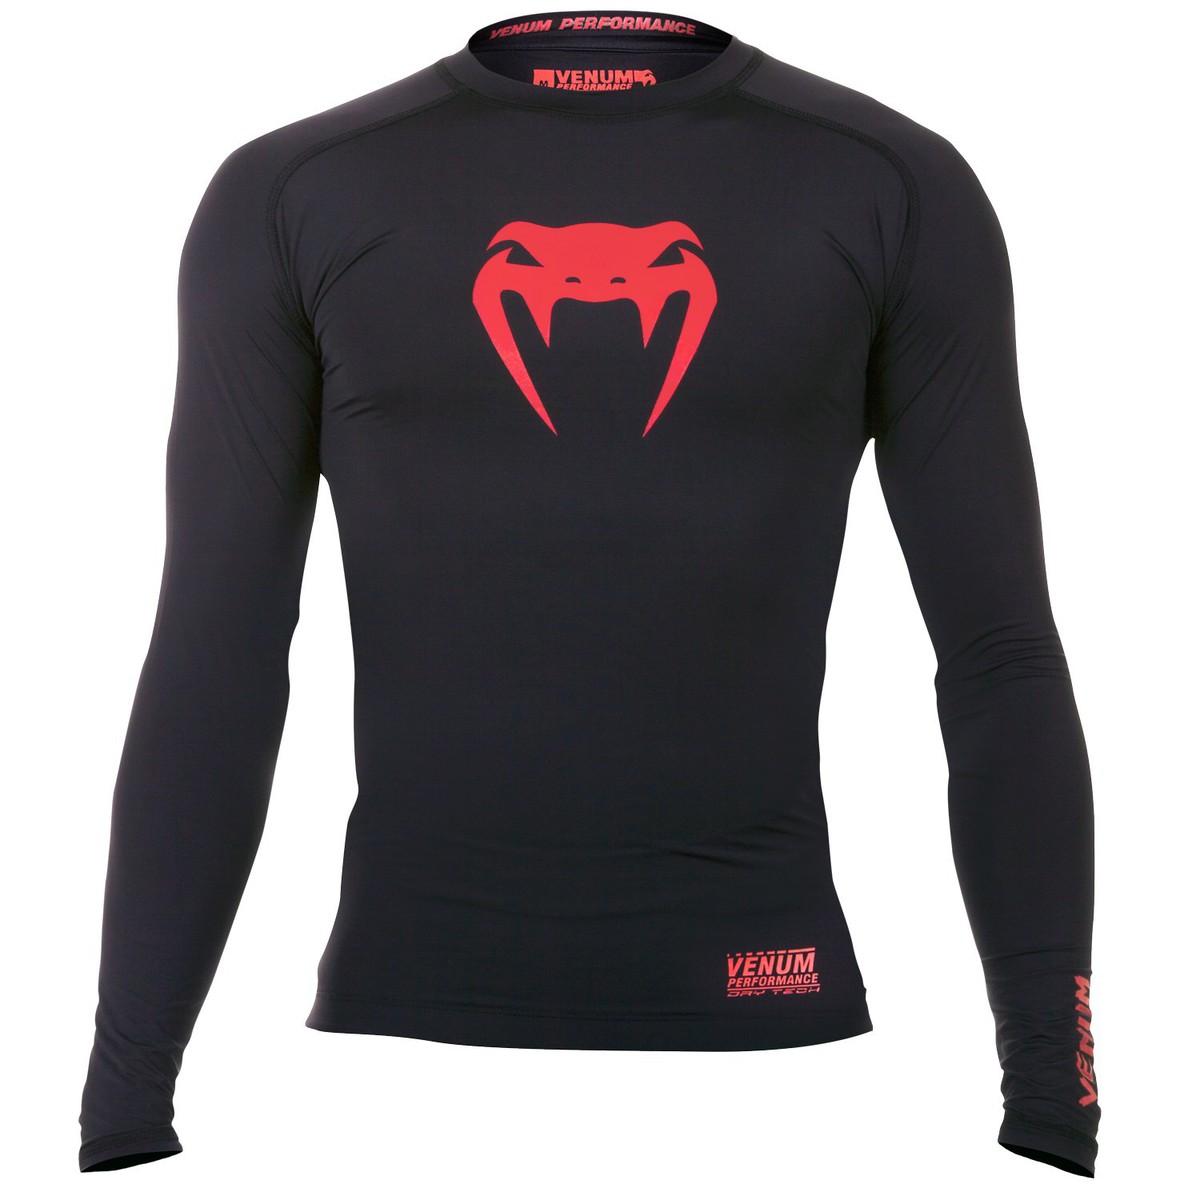 tričko pánské s dlouhým rukávem (termo) VENUM - Contender Compression - Red Devil - 1161